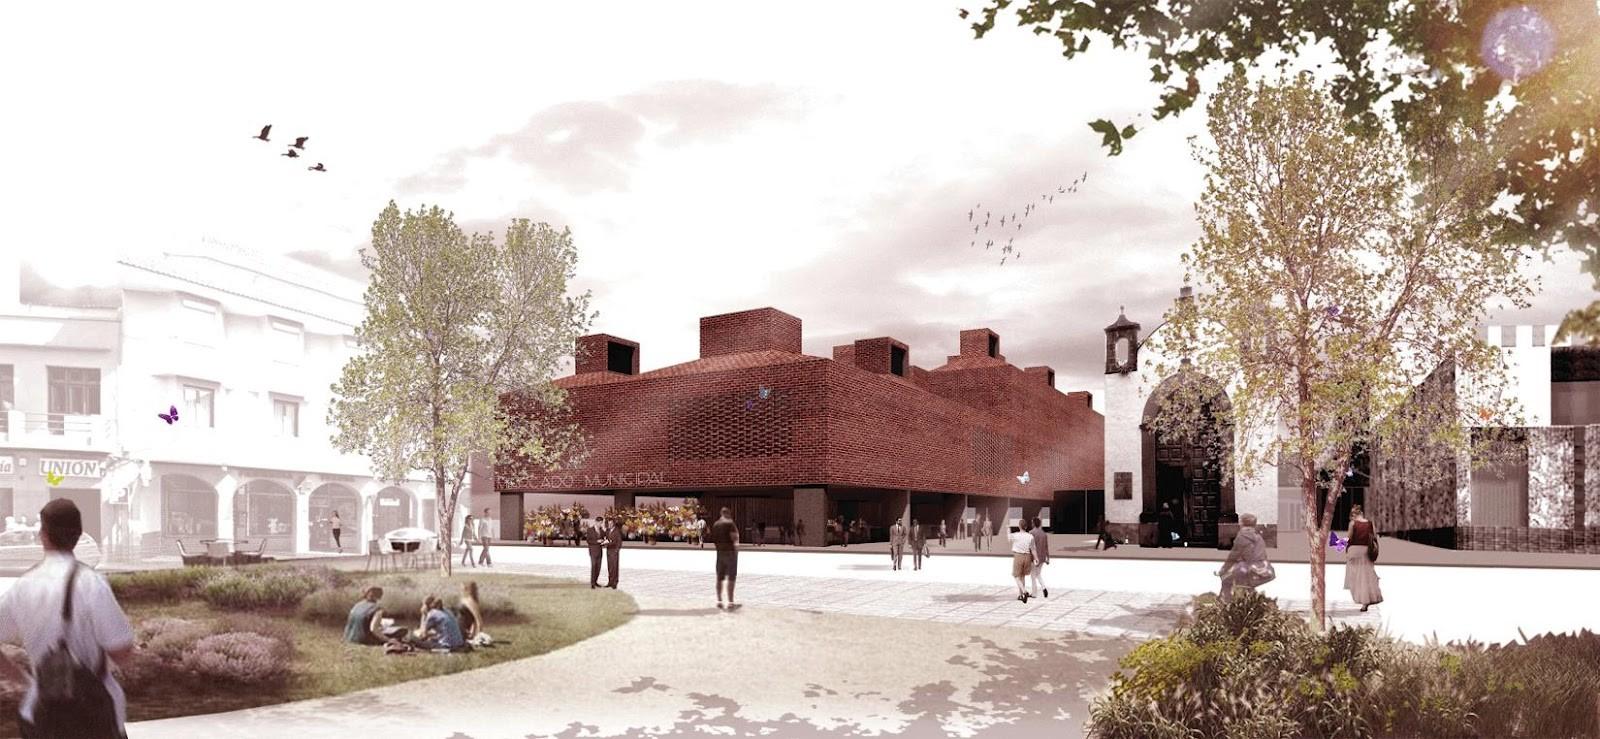 Propuesta para Concurso de Reconstrucción del Mercado la Laguna. Image © Josep Ferrando + Marc Nadal + David Recio